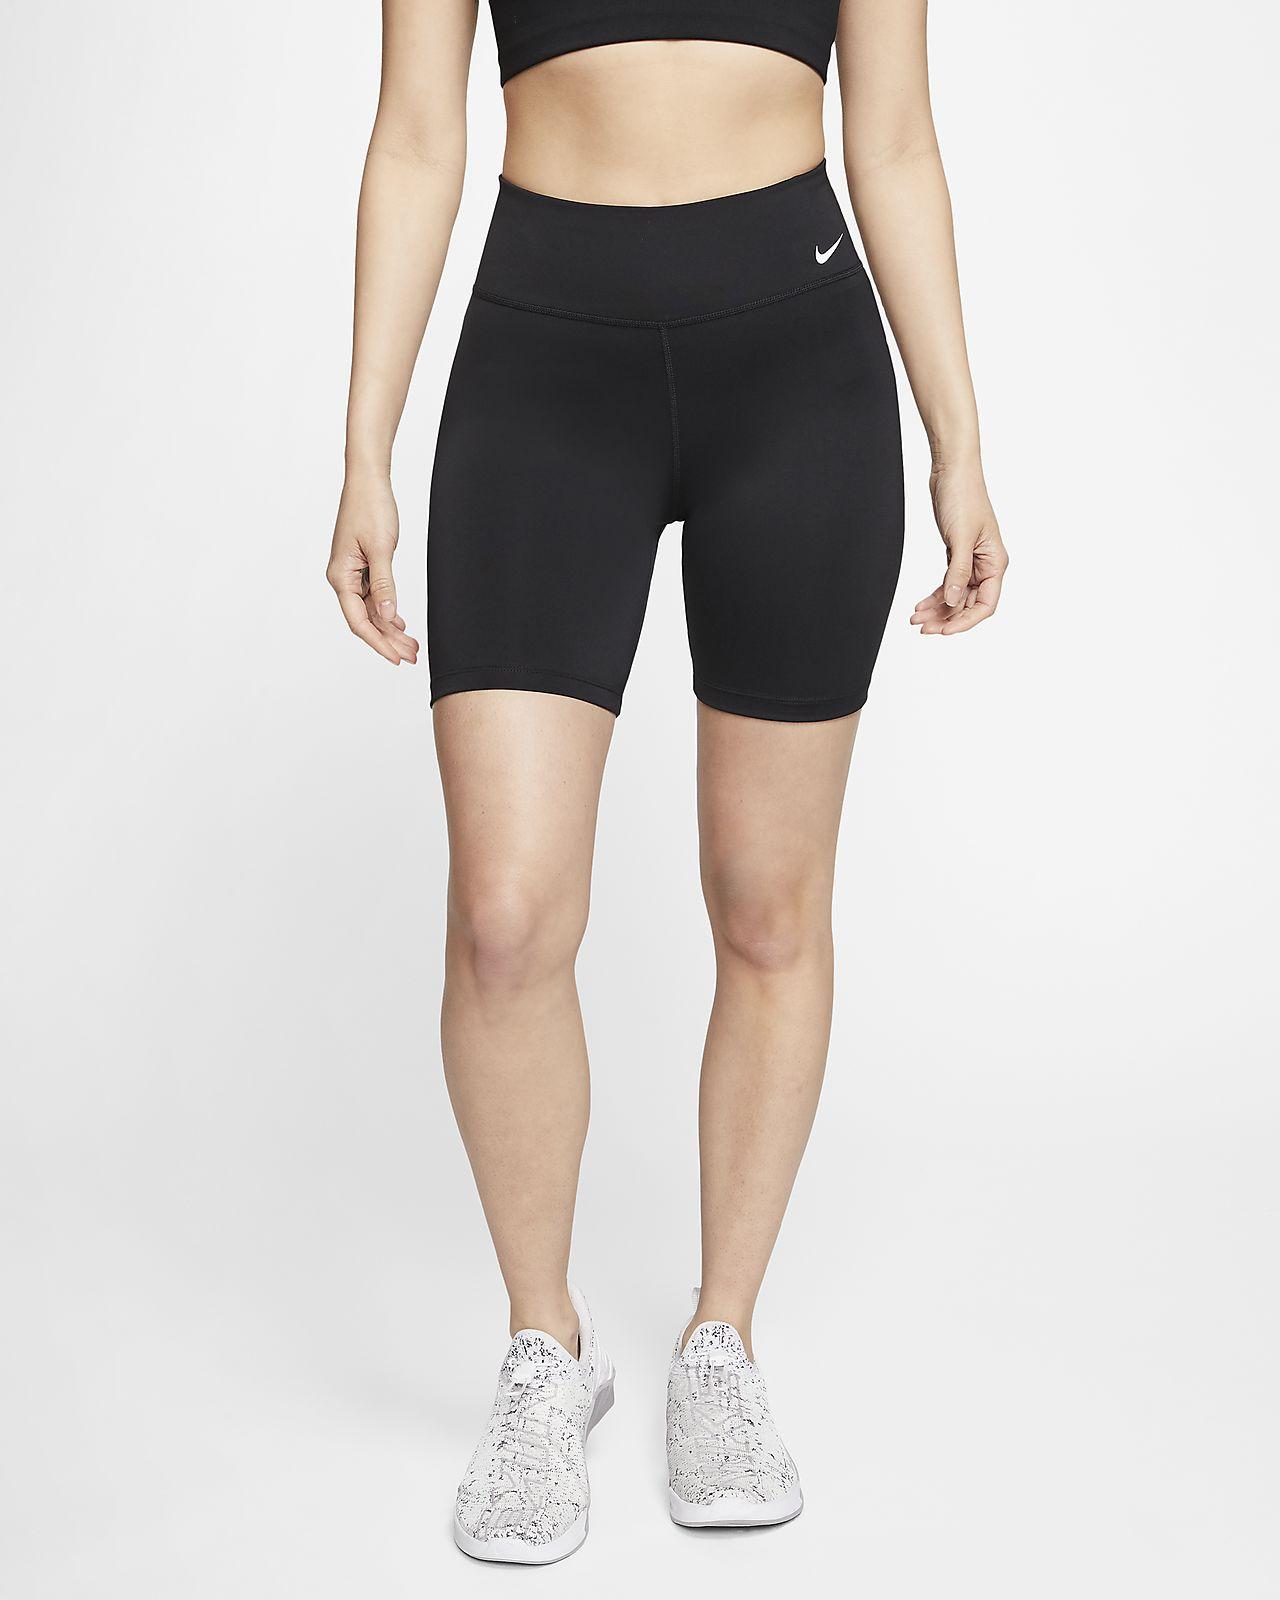 กางเกงขาสั้นผู้หญิง Nike One